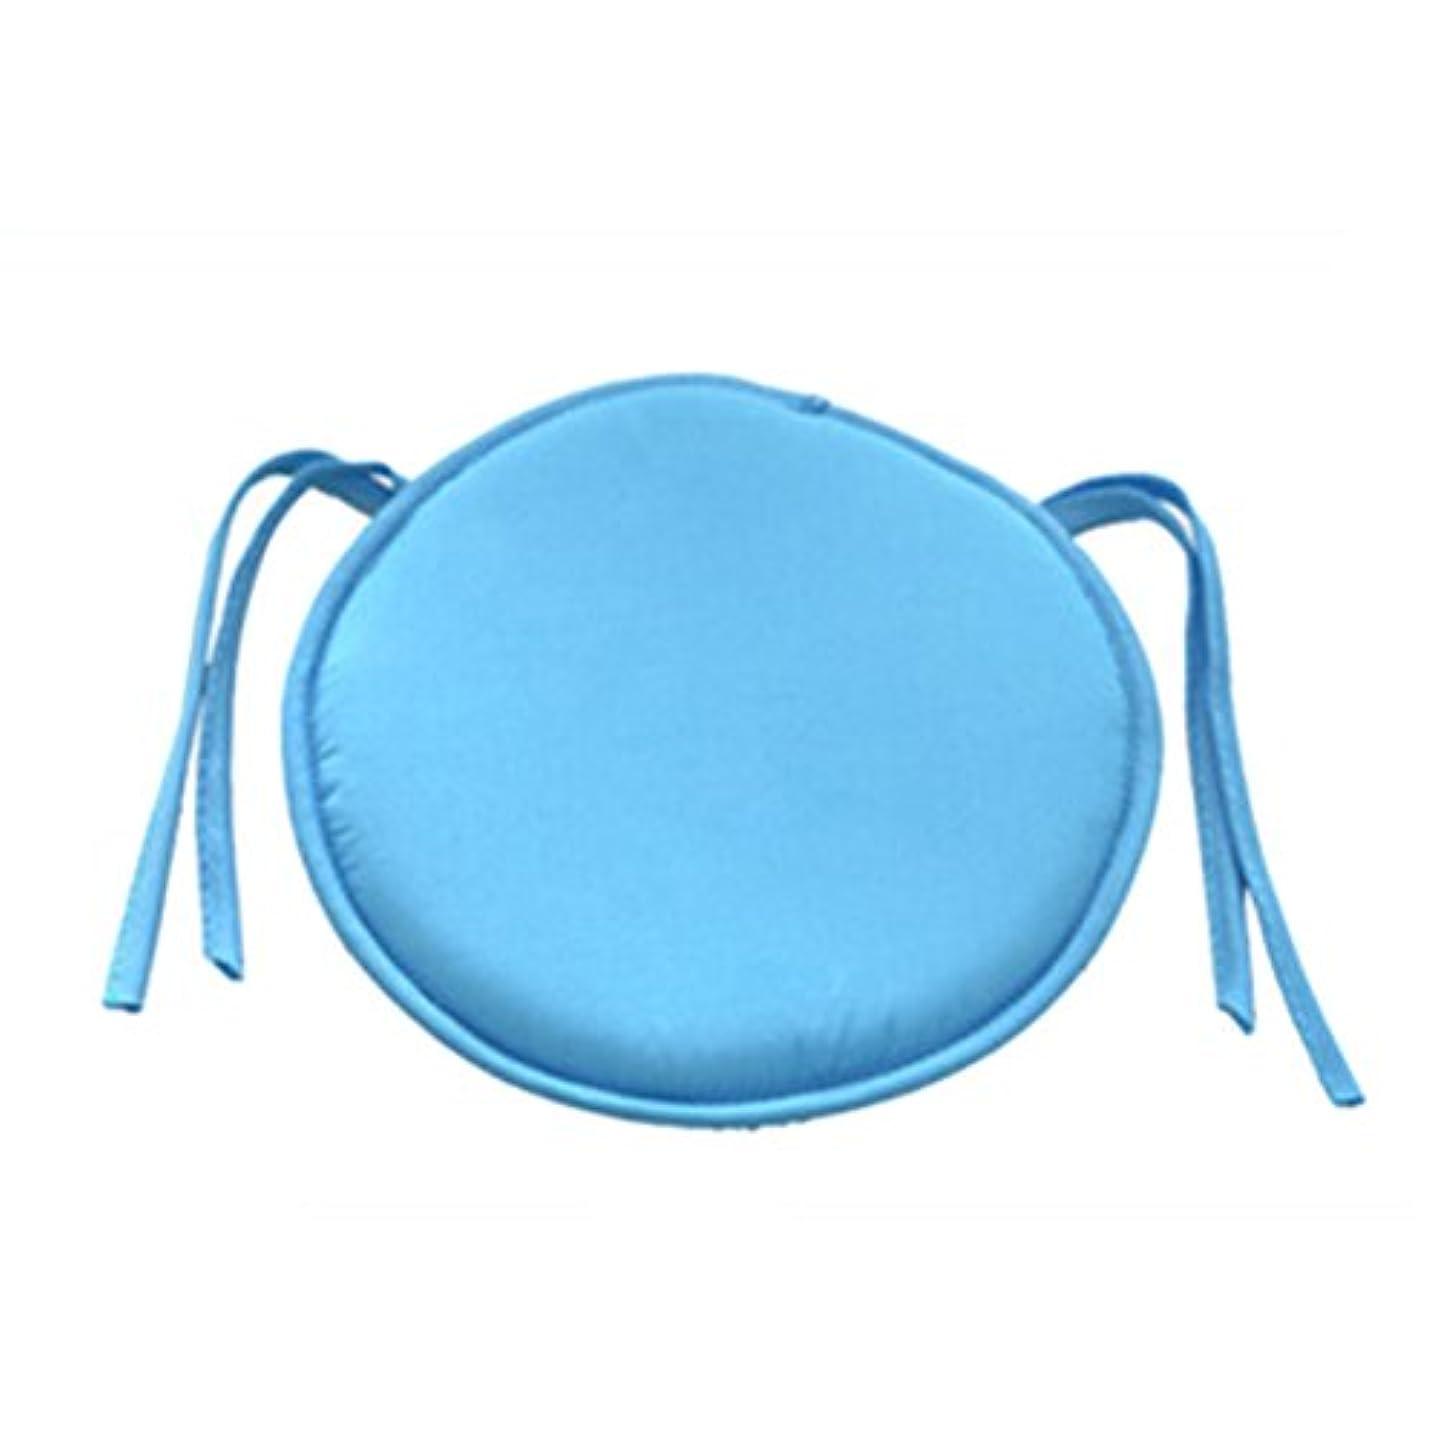 絶対にするだろうとげSMART ホット販売ラウンドチェアクッション屋内ポップパティオオフィスチェアシートパッドネクタイスクエアガーデンキッチンダイニングクッション クッション 椅子